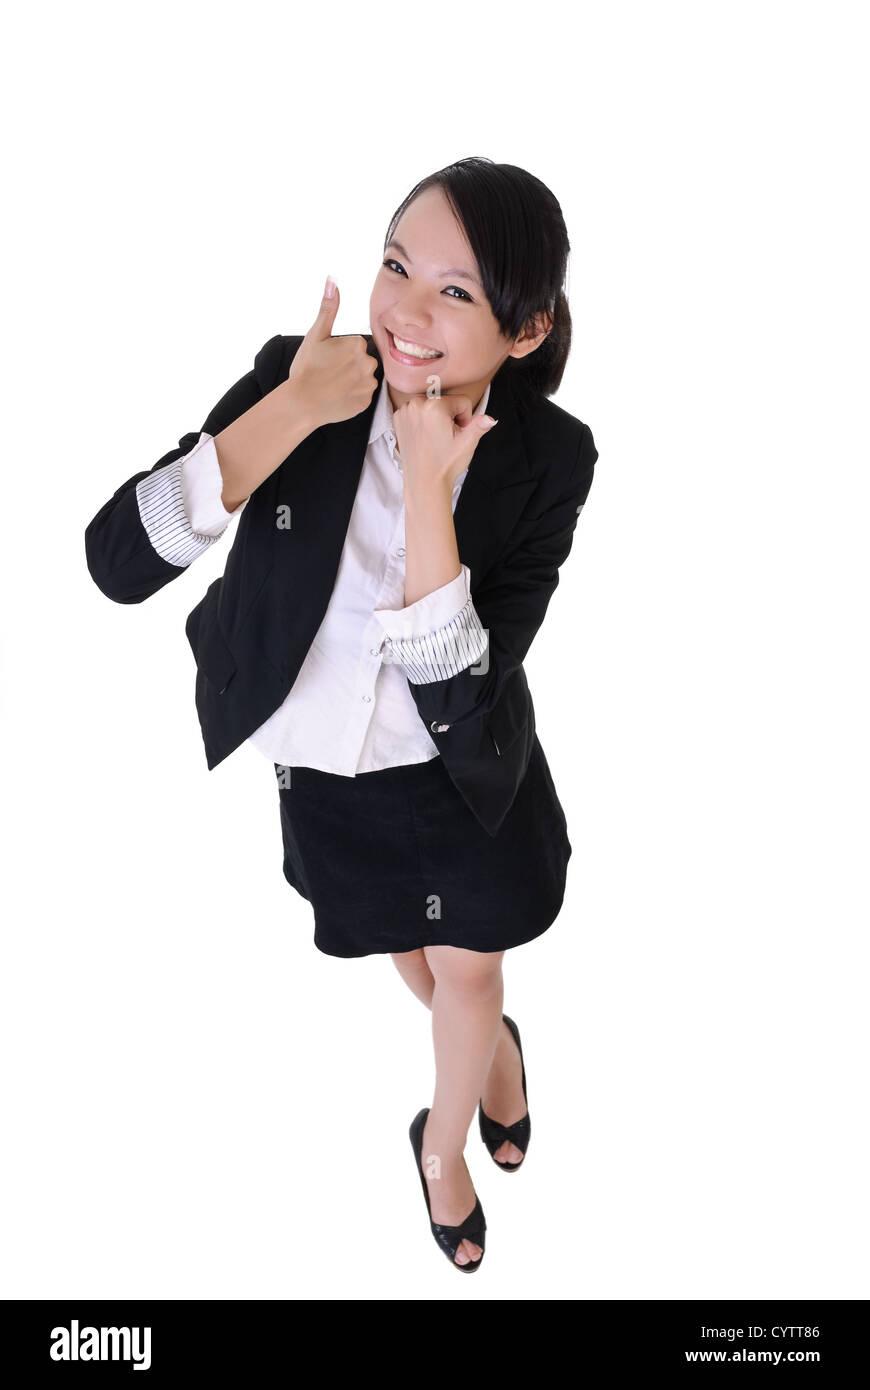 Smiling business woman avec expression d'excitation, pleine longueur portrait isolé sur fond blanc. Photo Stock